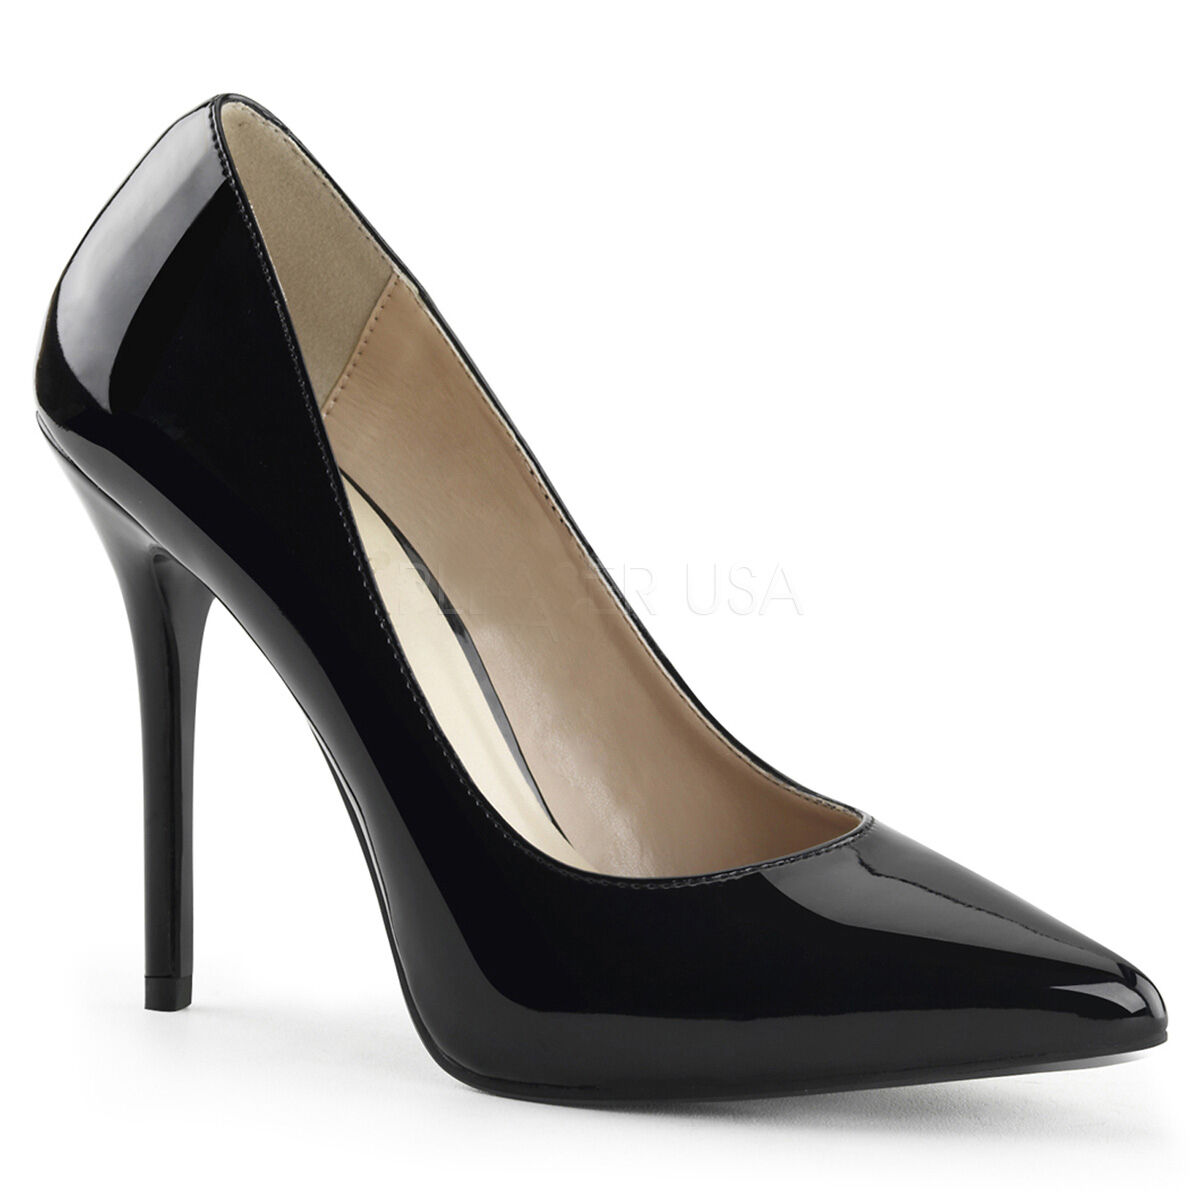 Elegante Pleaser Damen High-Heels Pumps Amuse-20 schwarz Lack Übergrößen 35-47